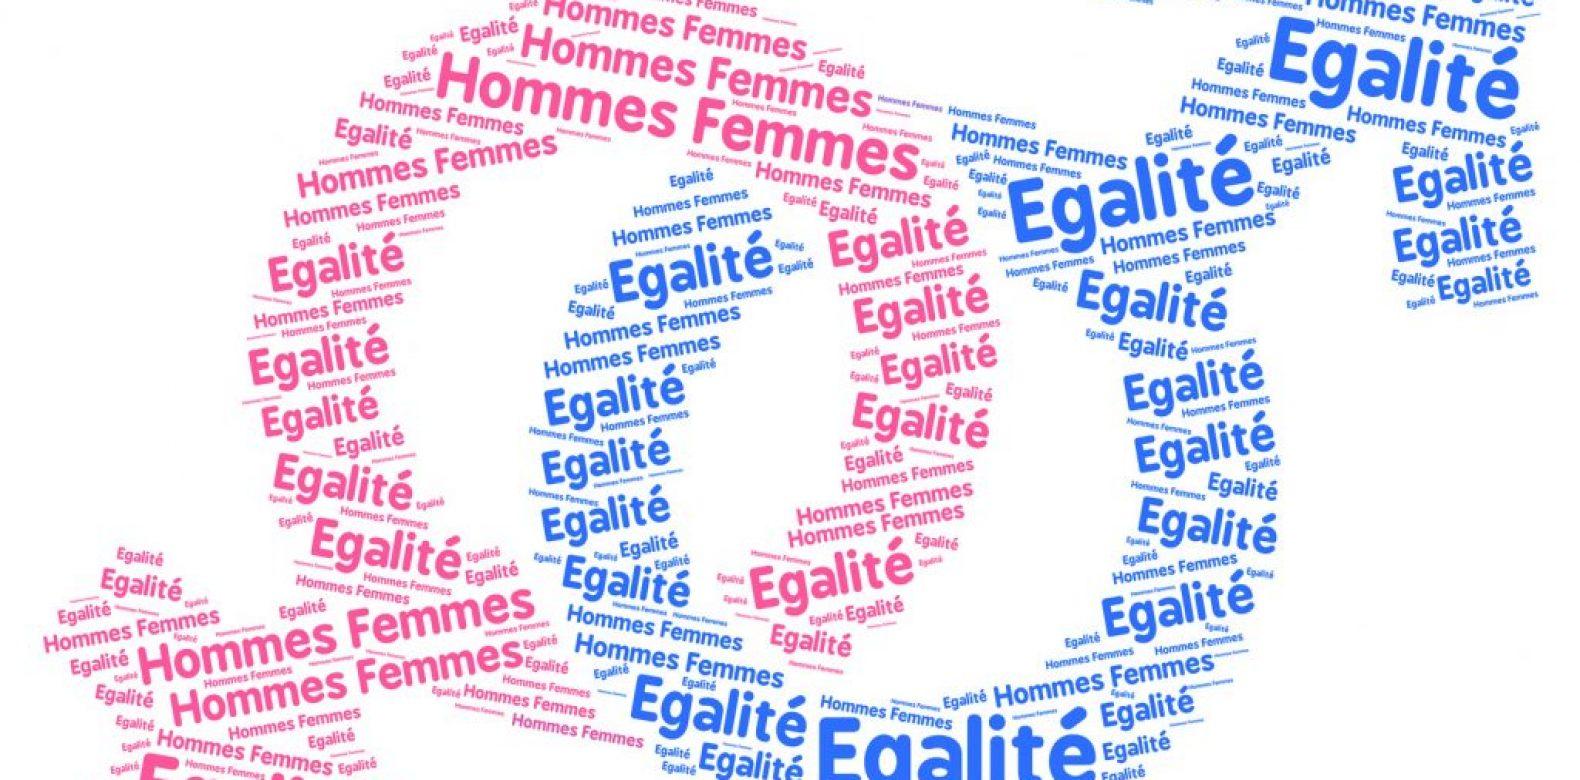 L'égalité entre les femmes et les hommes, sujet majeur pour la cohésion au sein de notre société contemporaine